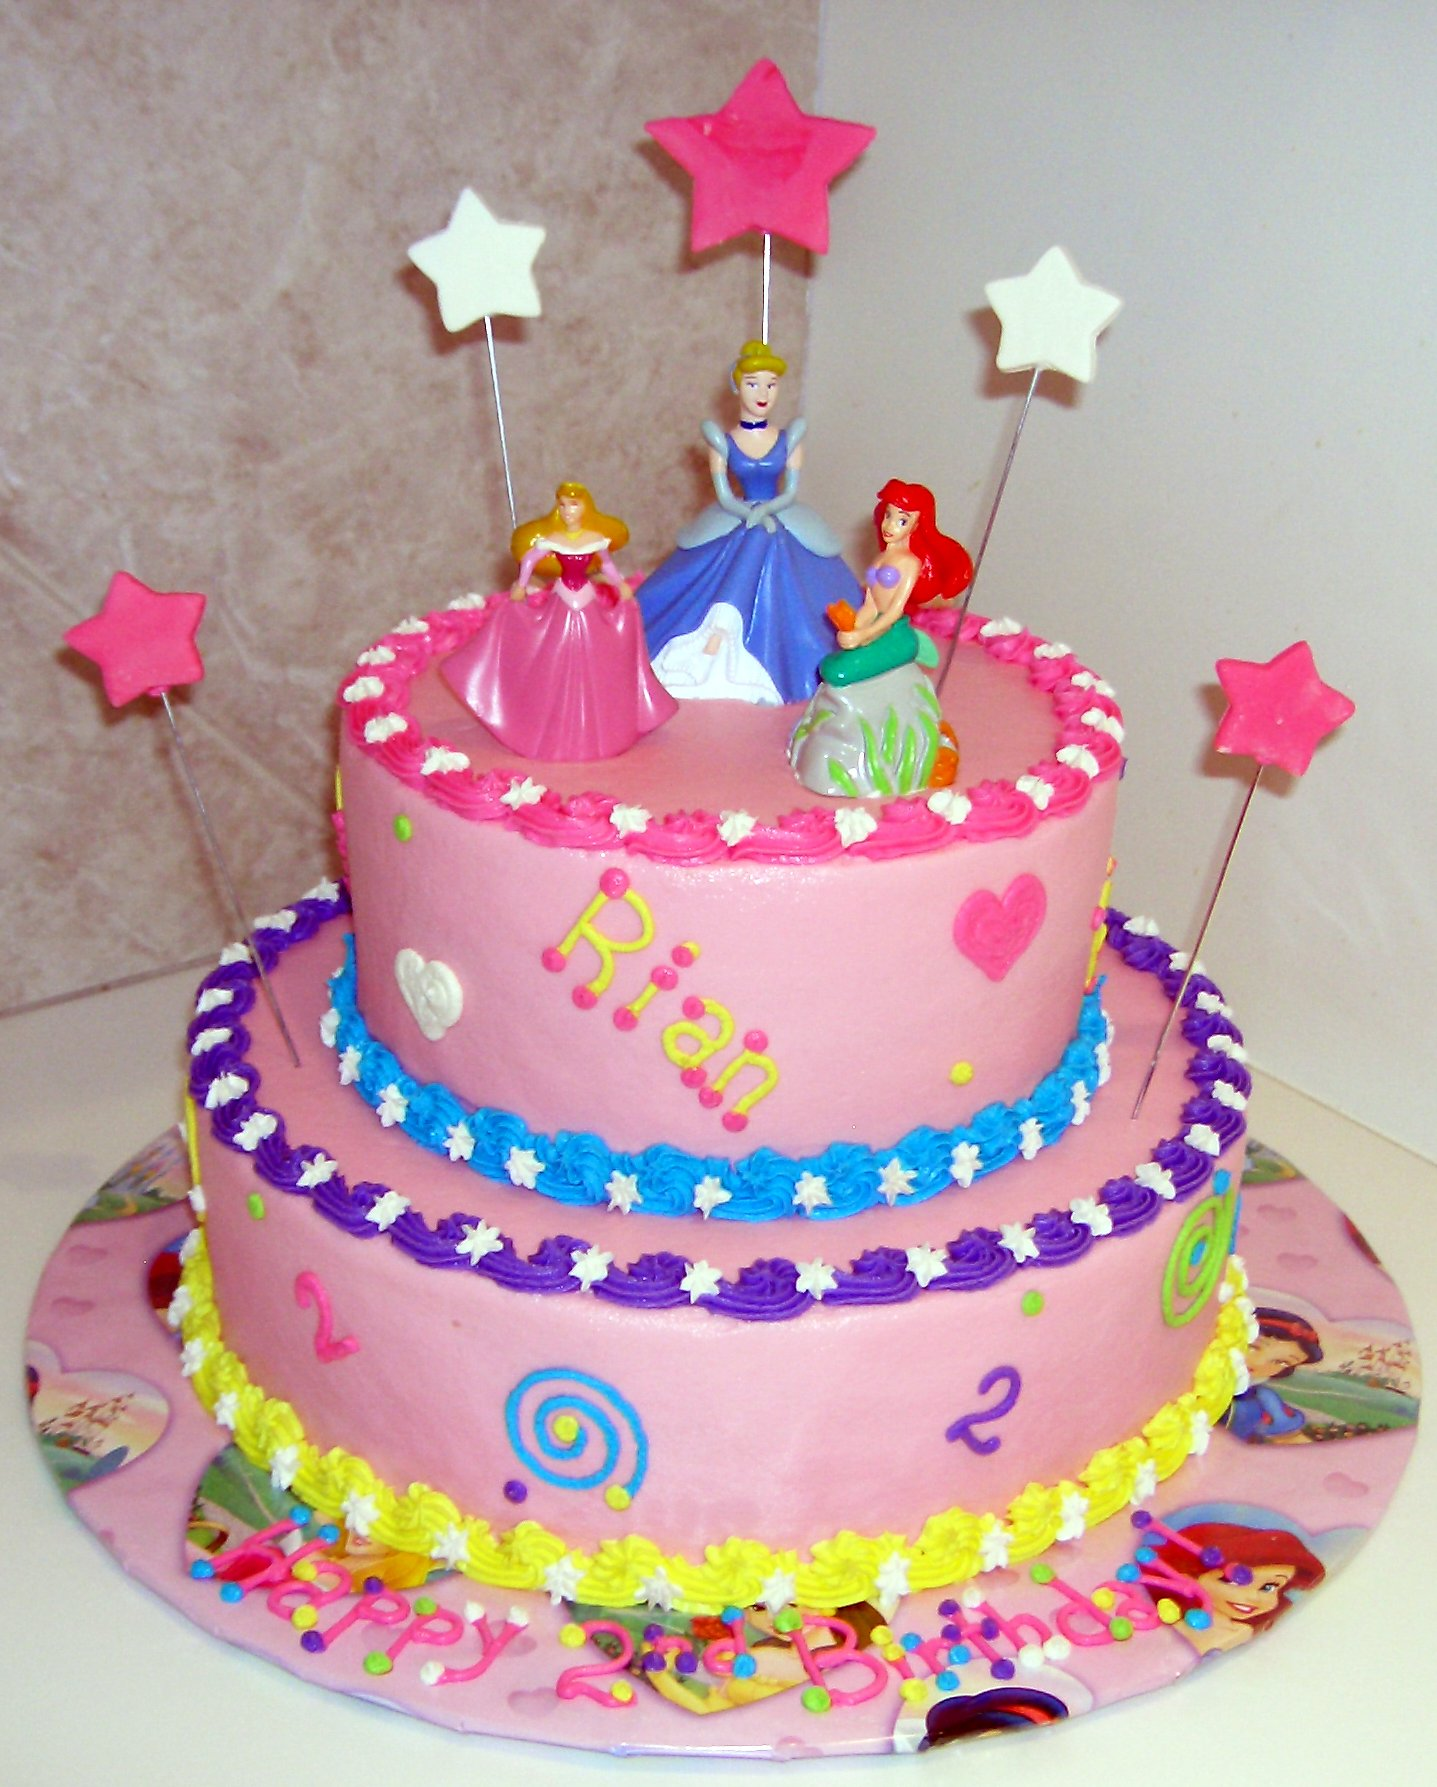 13 Disney Princess Themed Birthday Cakes Photo